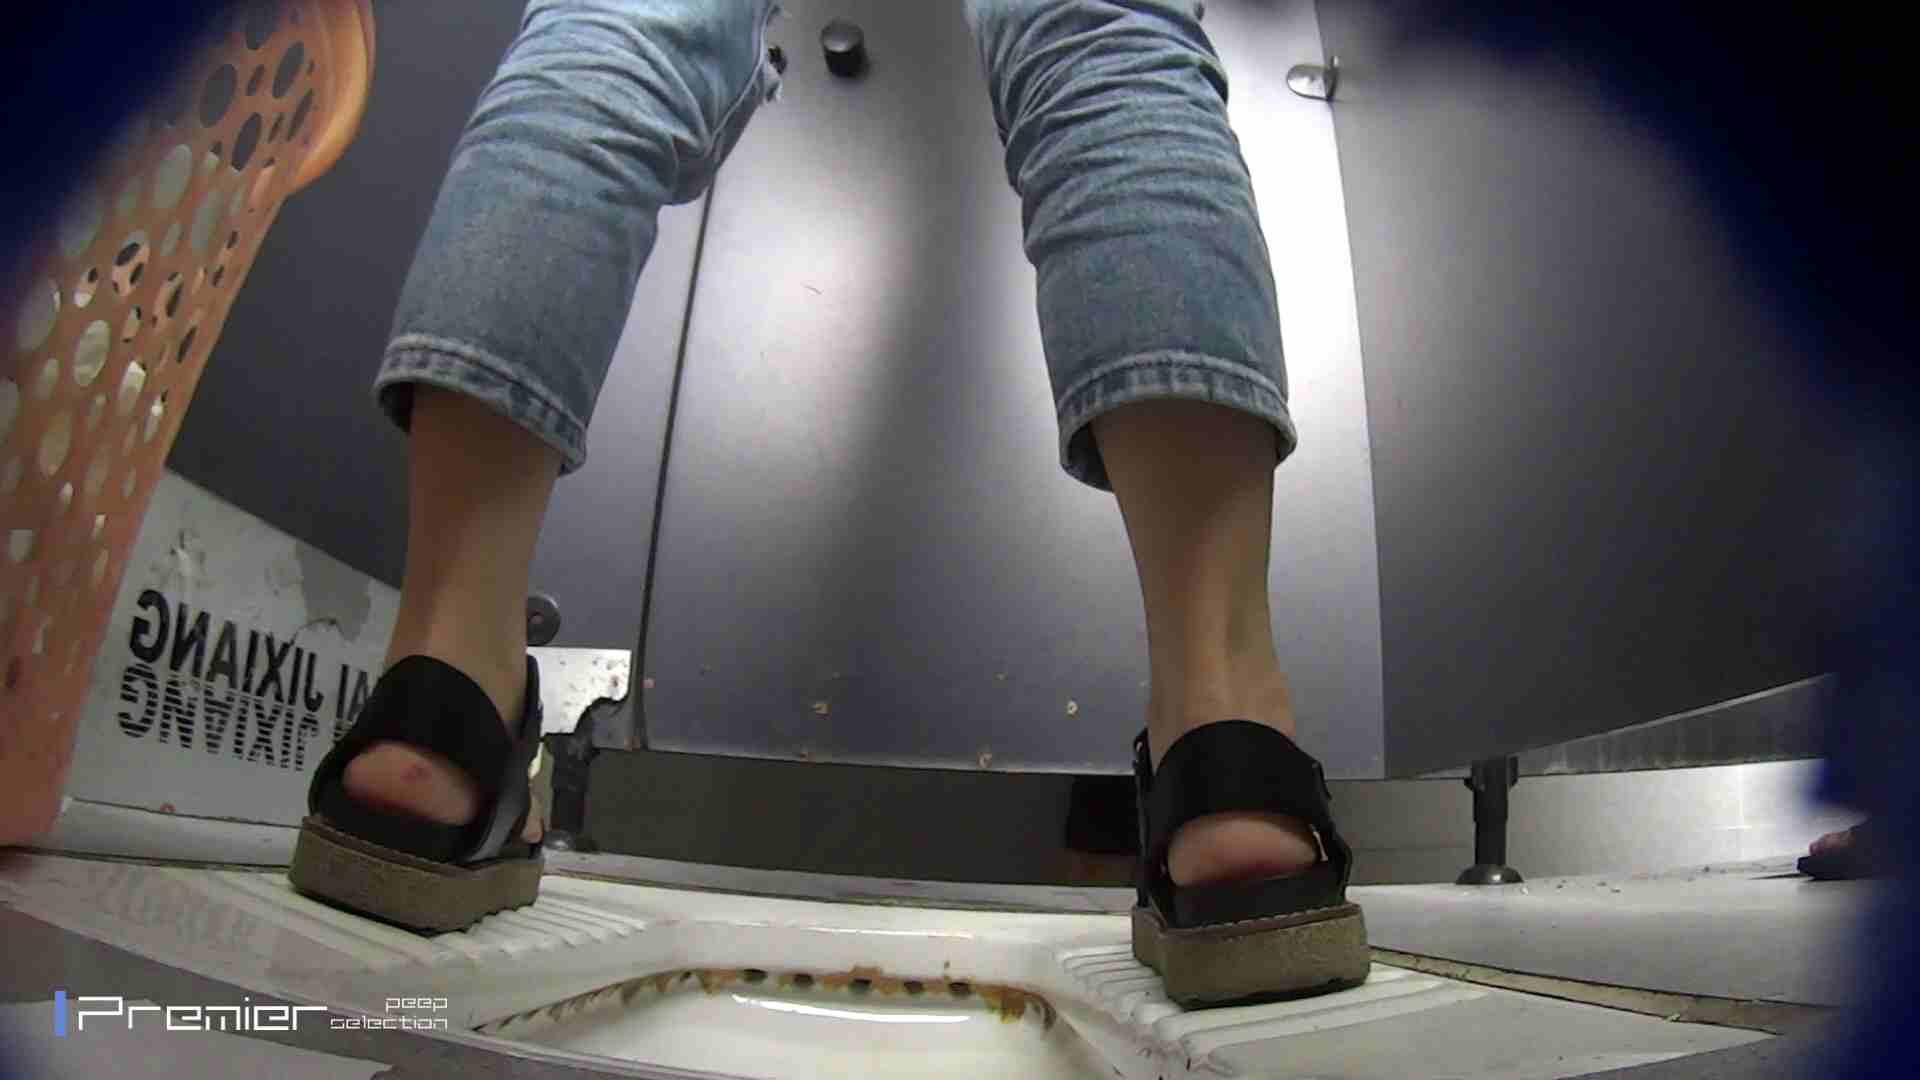 若さ溢れるギャル達のnyo  大学休憩時間の洗面所事情46 洗面所 盗み撮り動画キャプチャ 106枚 83